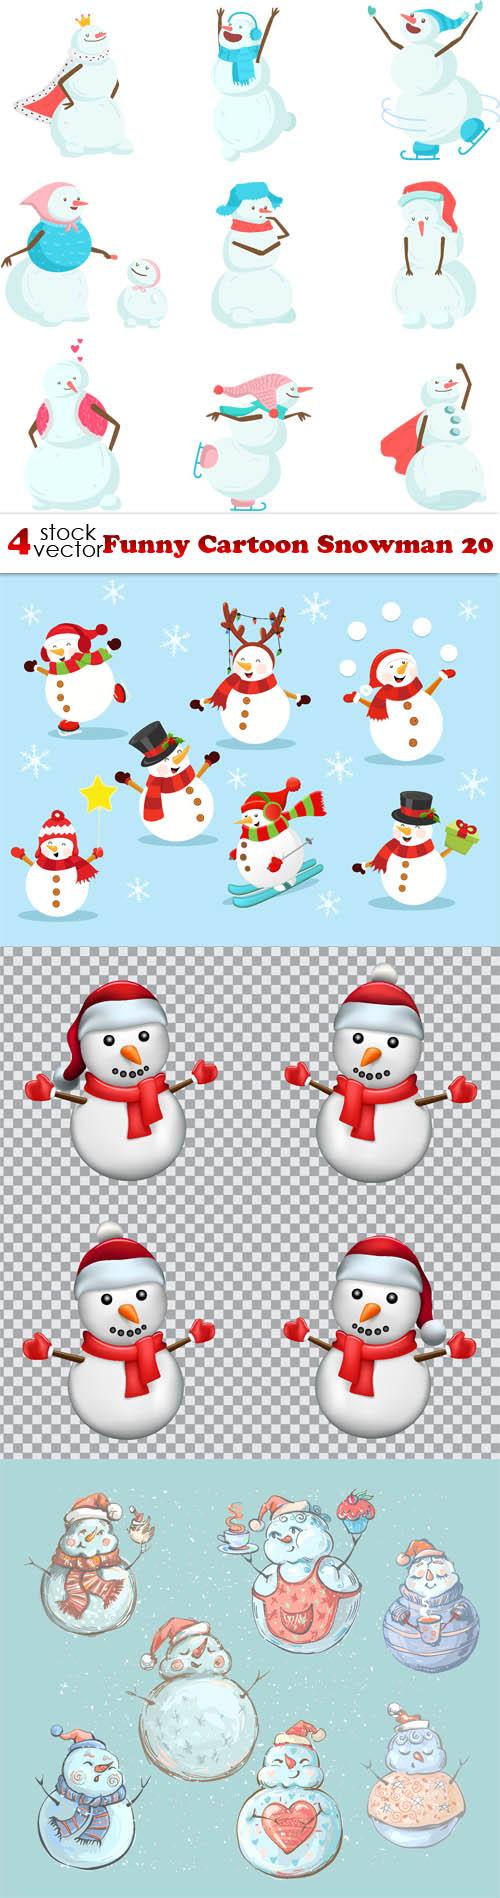 Vectors - Funny Cartoon Snowman 20